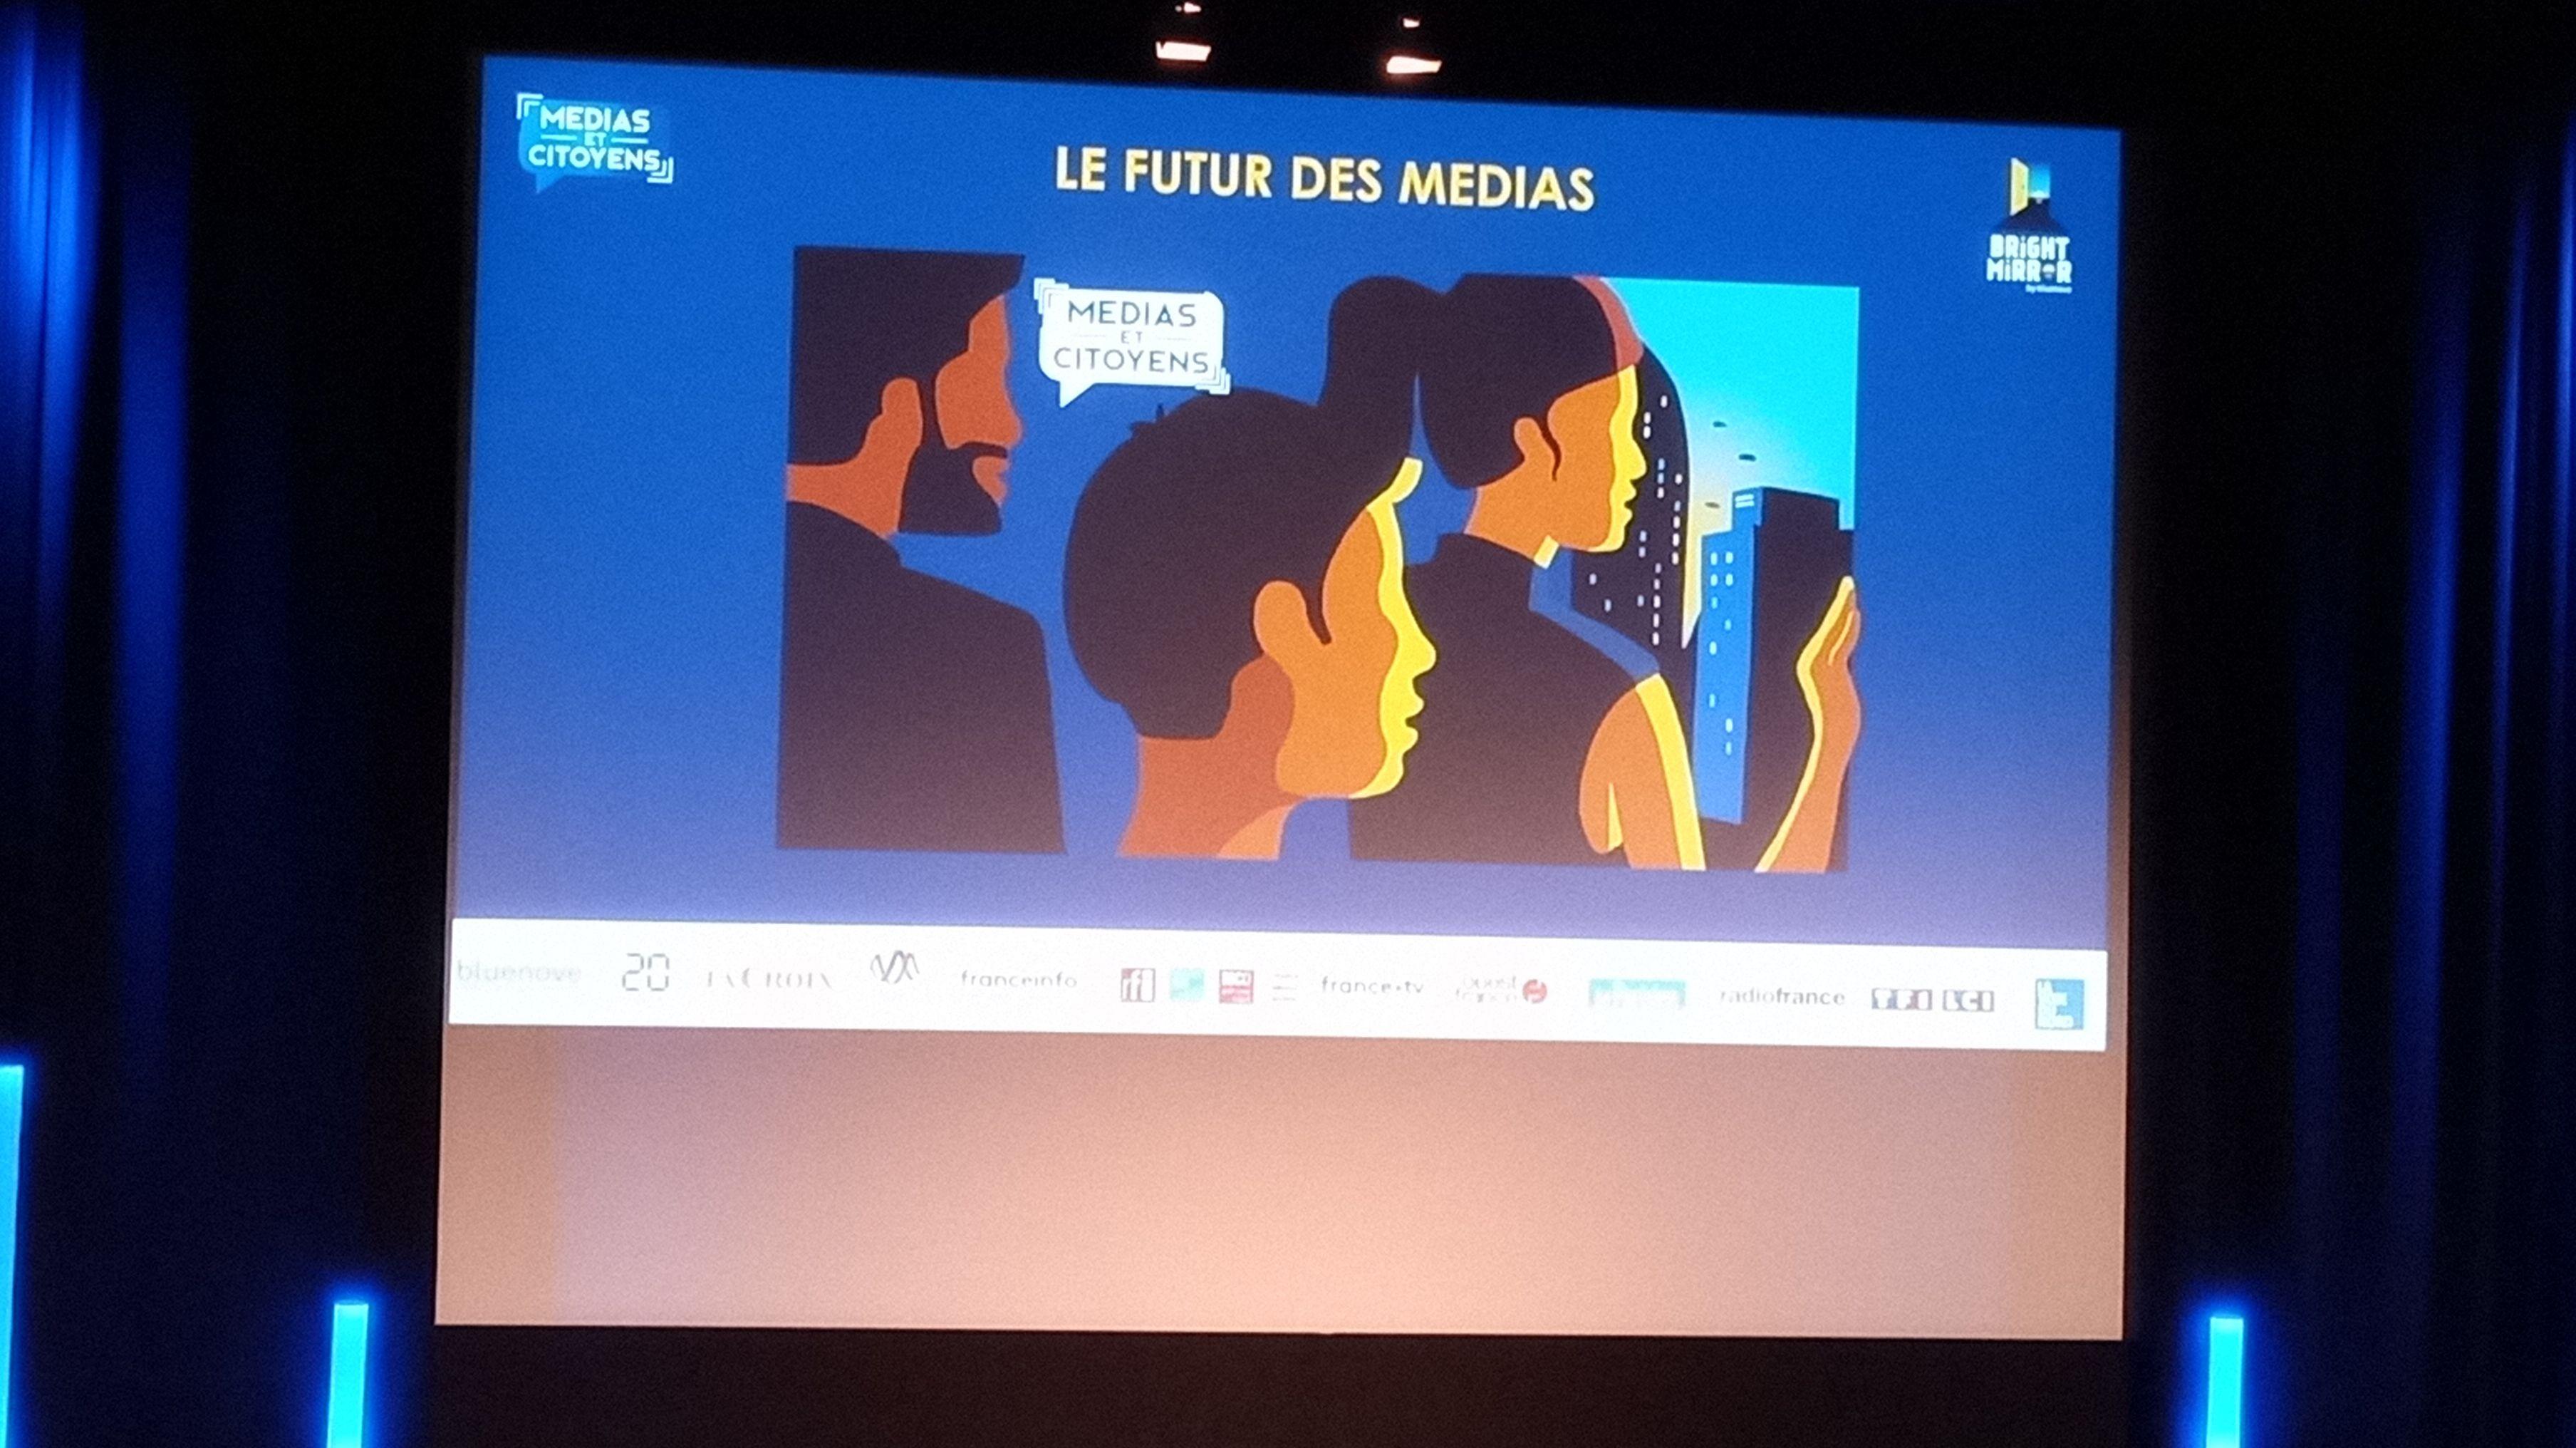 Frankreich: Neue Plattform für Bürger und Medien